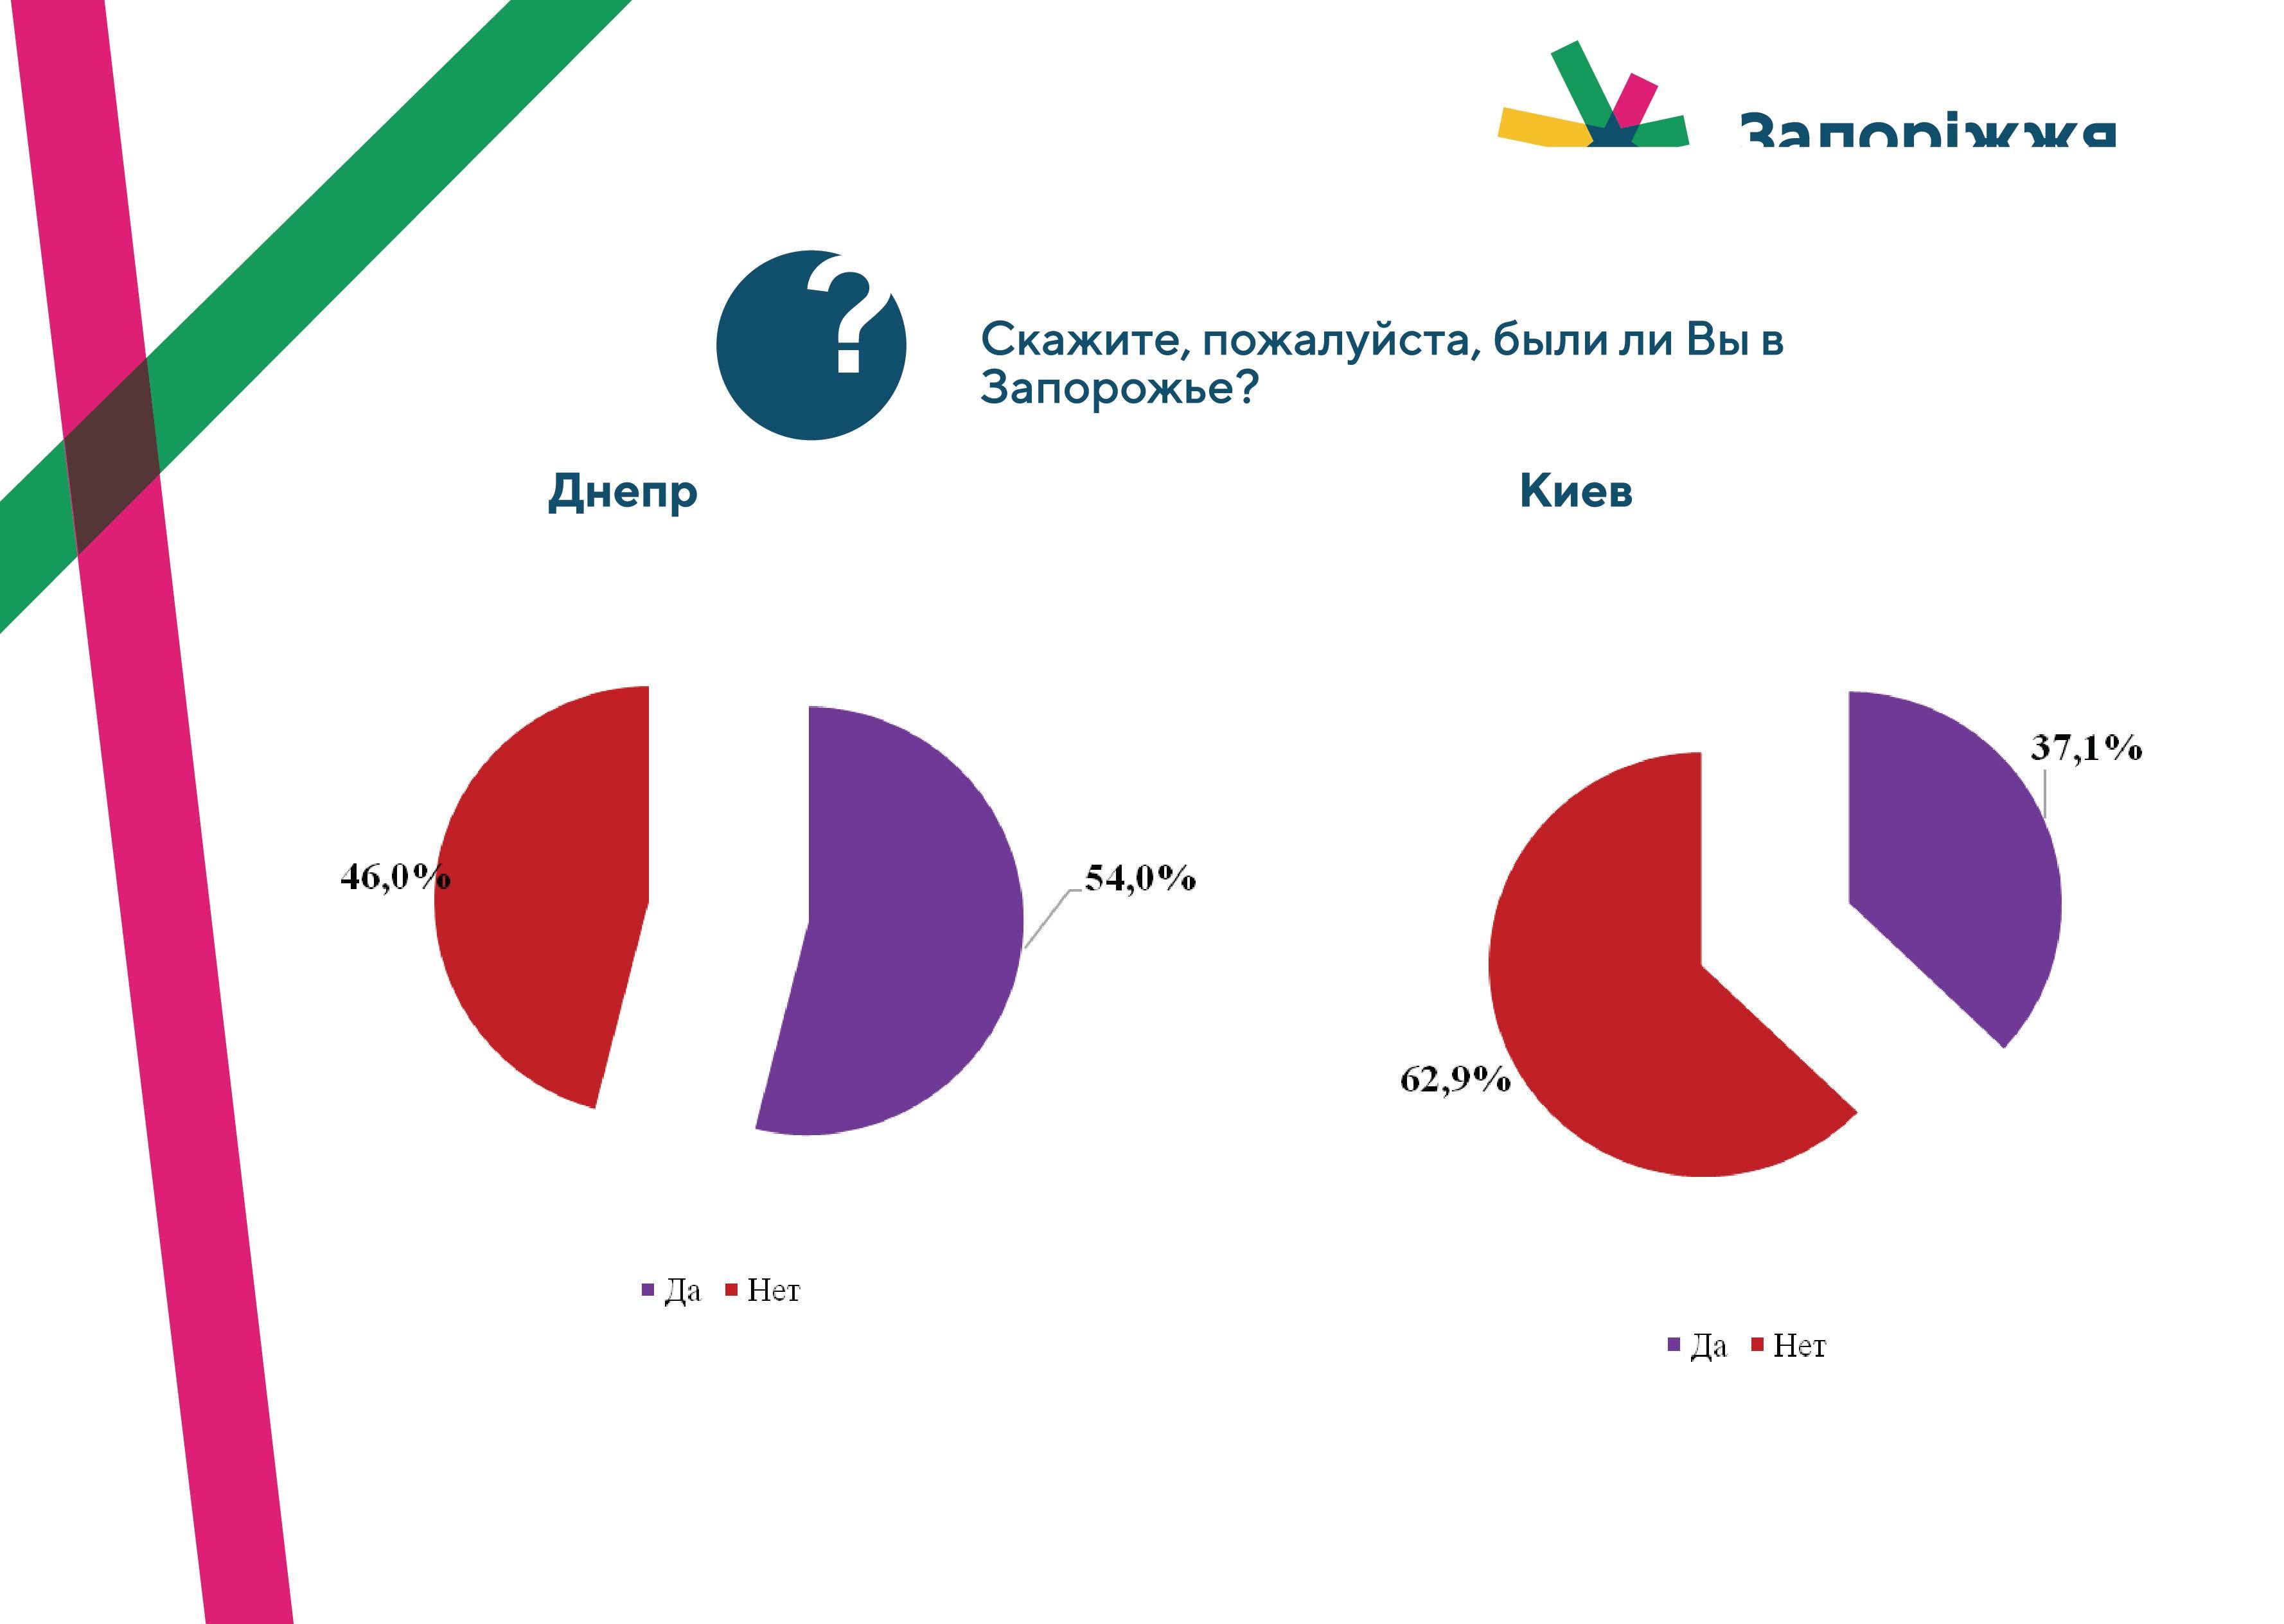 презентация-днепр-киев-13.jpg